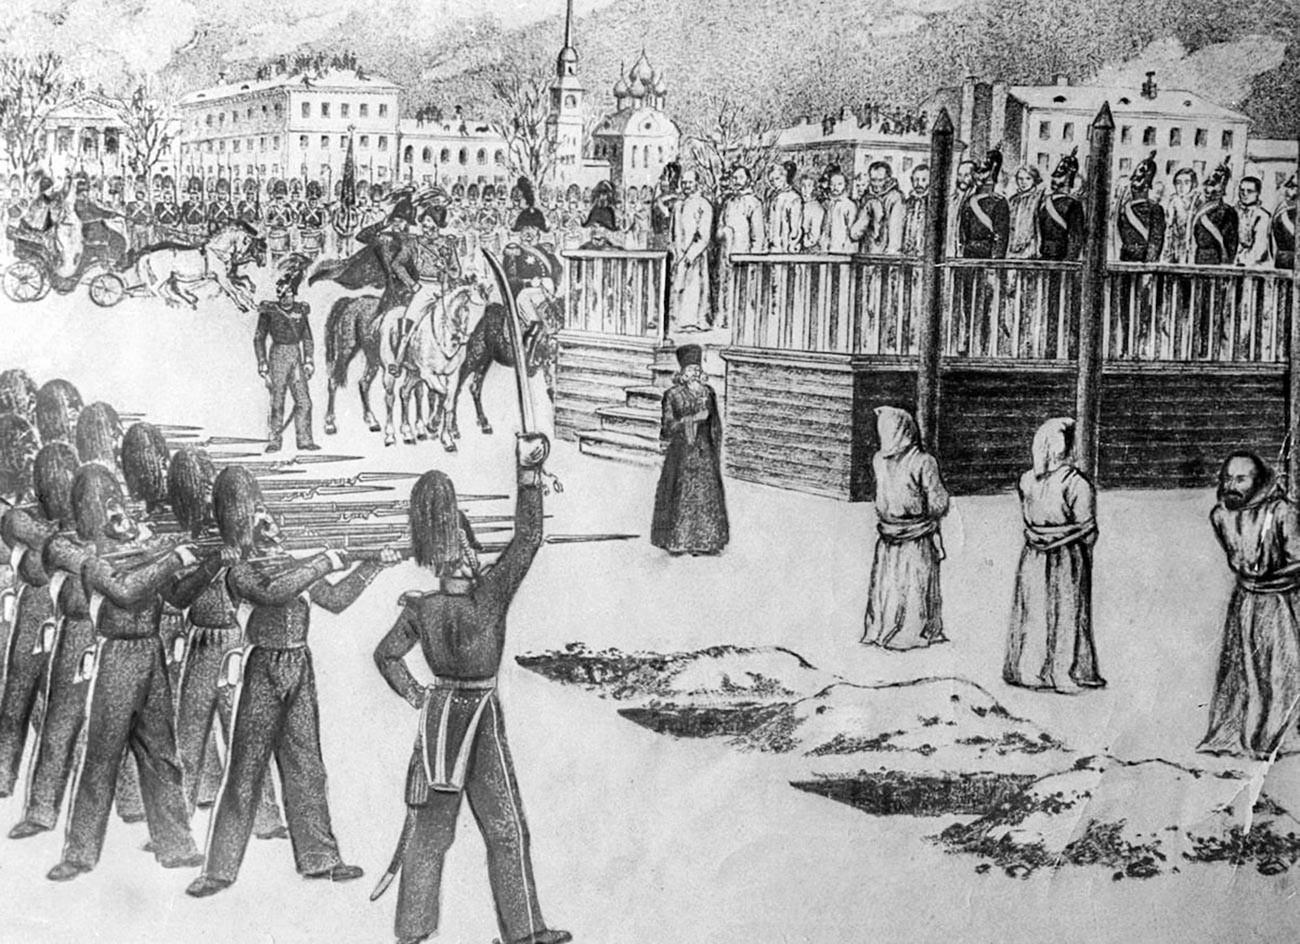 Uprozoritev usmrtitve na Semjonovskem paradnem polju